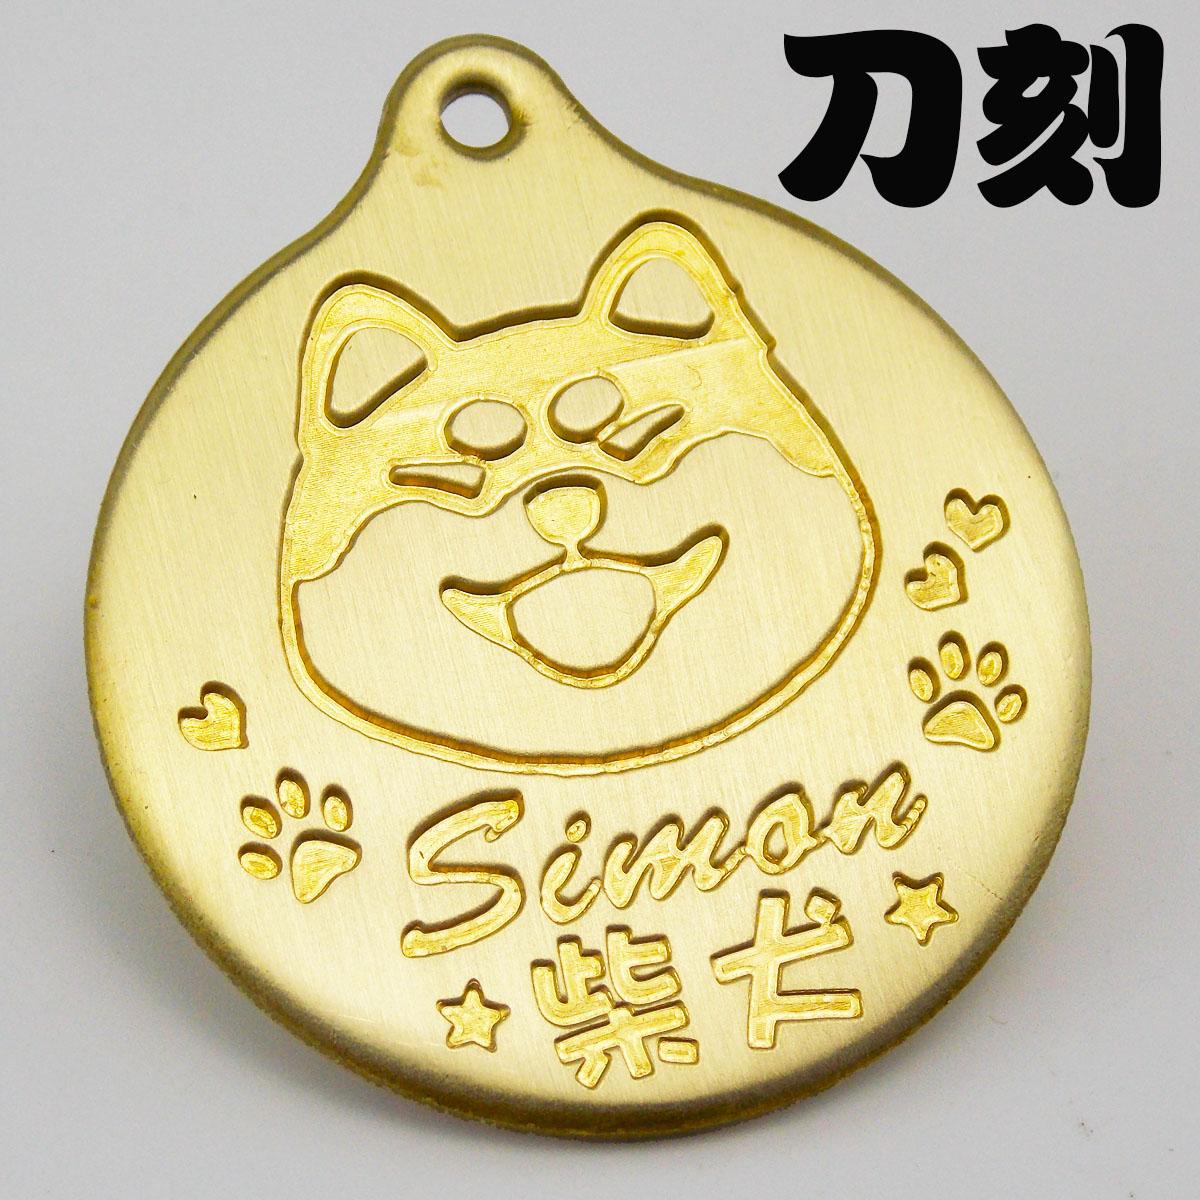 Медь золотой собака карты личность карты кот карты стандарт надпись ожерелье ошейники колокол аксессуары домашнее животное тег известный бренд